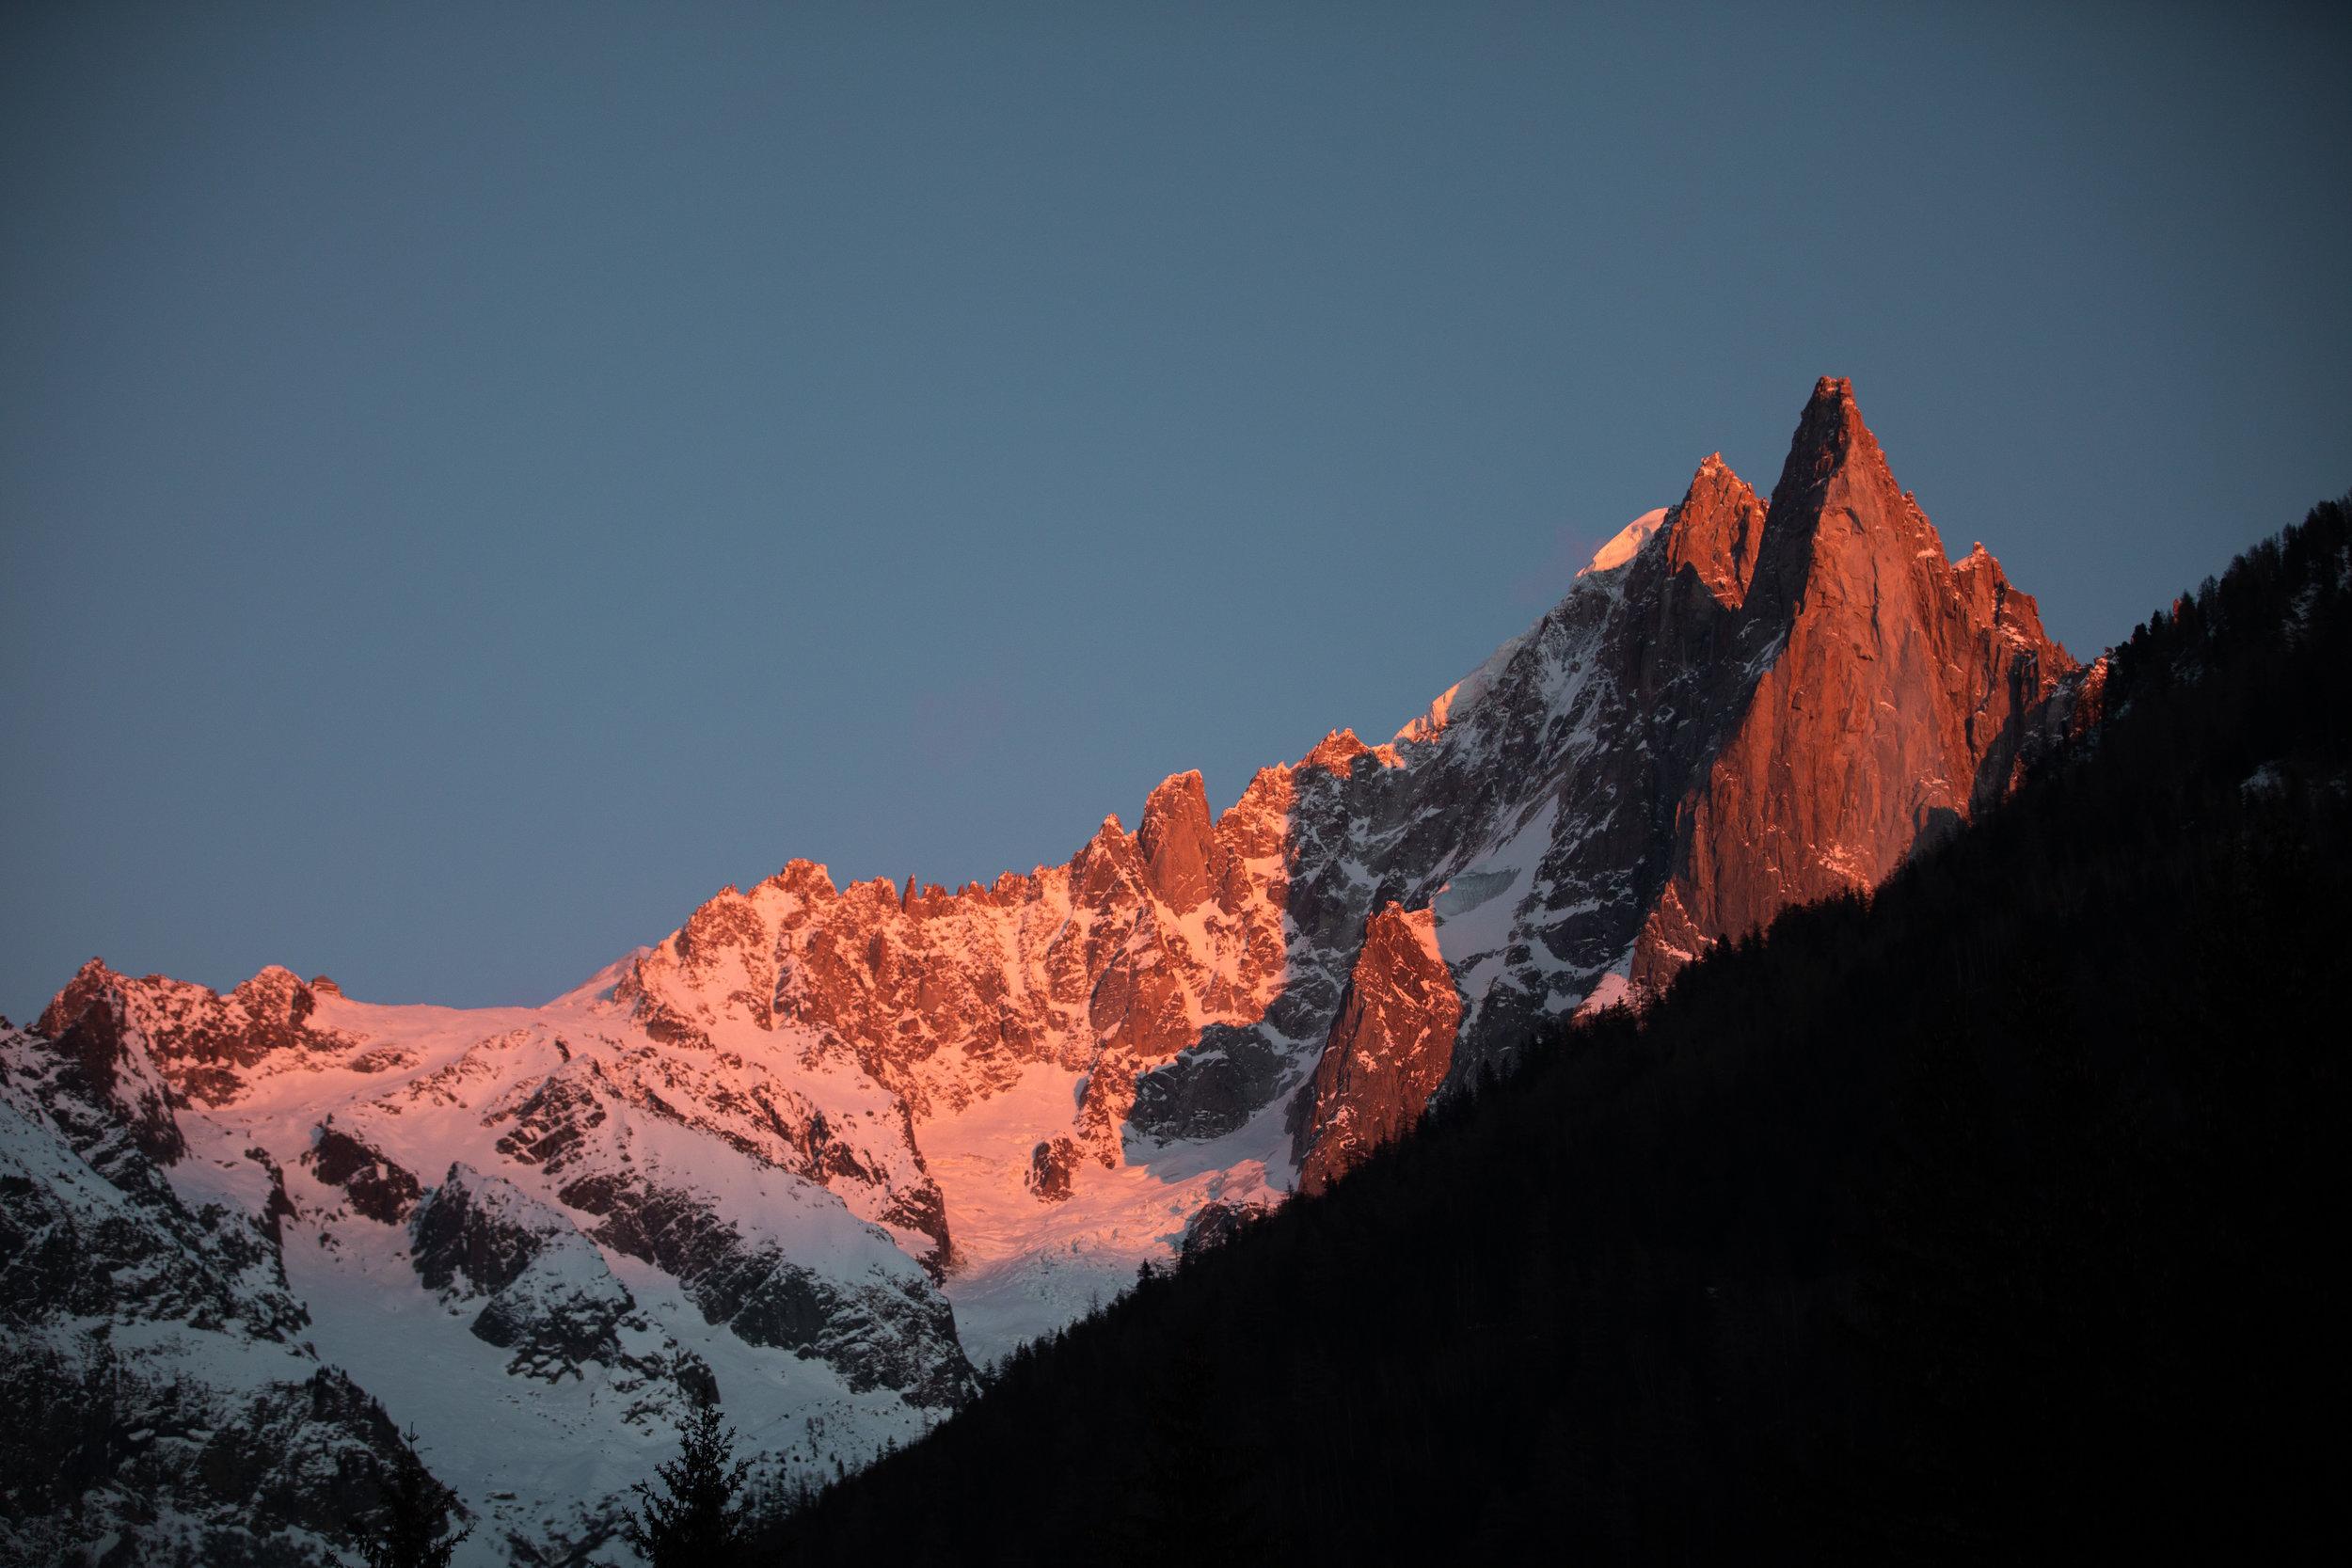 Les Drus, 3754m alt bathed in alpine glow.